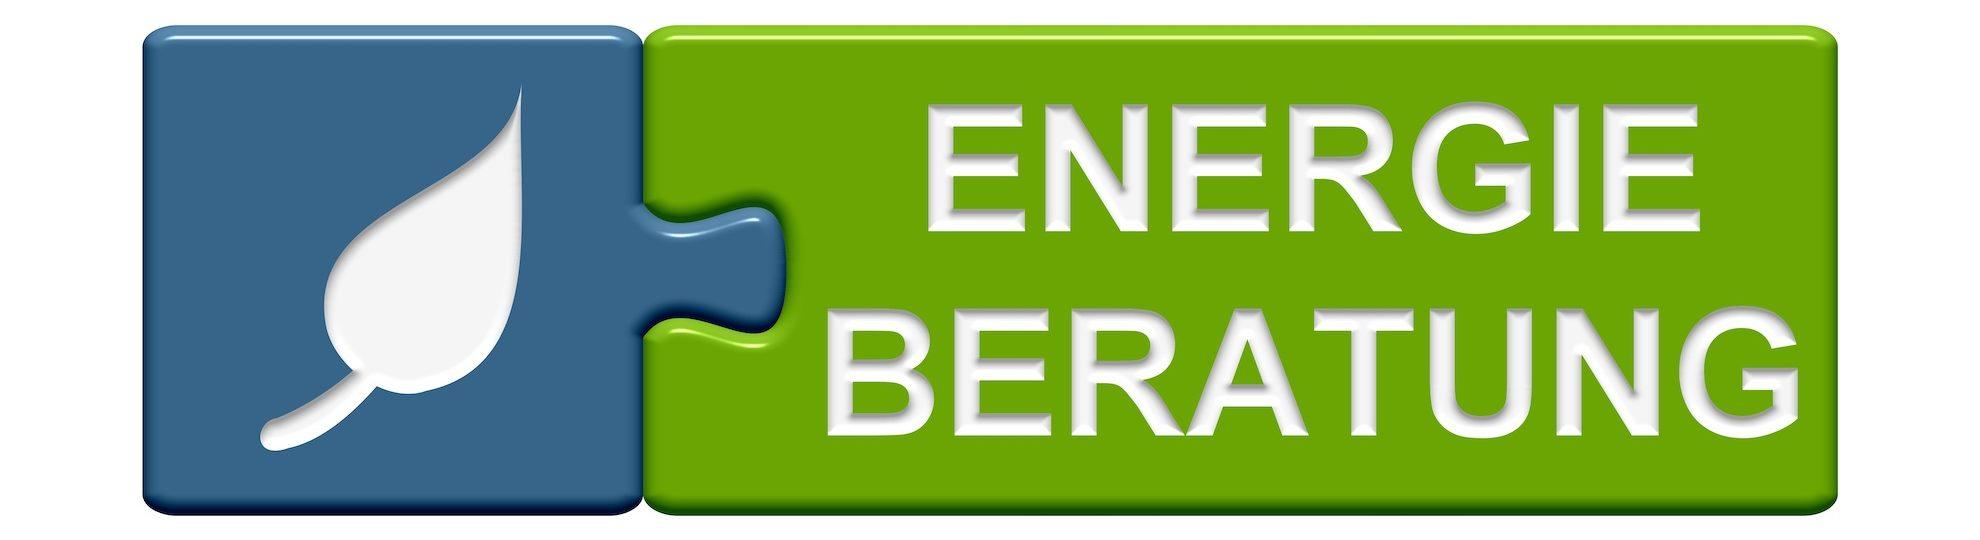 Energieberater & Gebäudeenergieberater